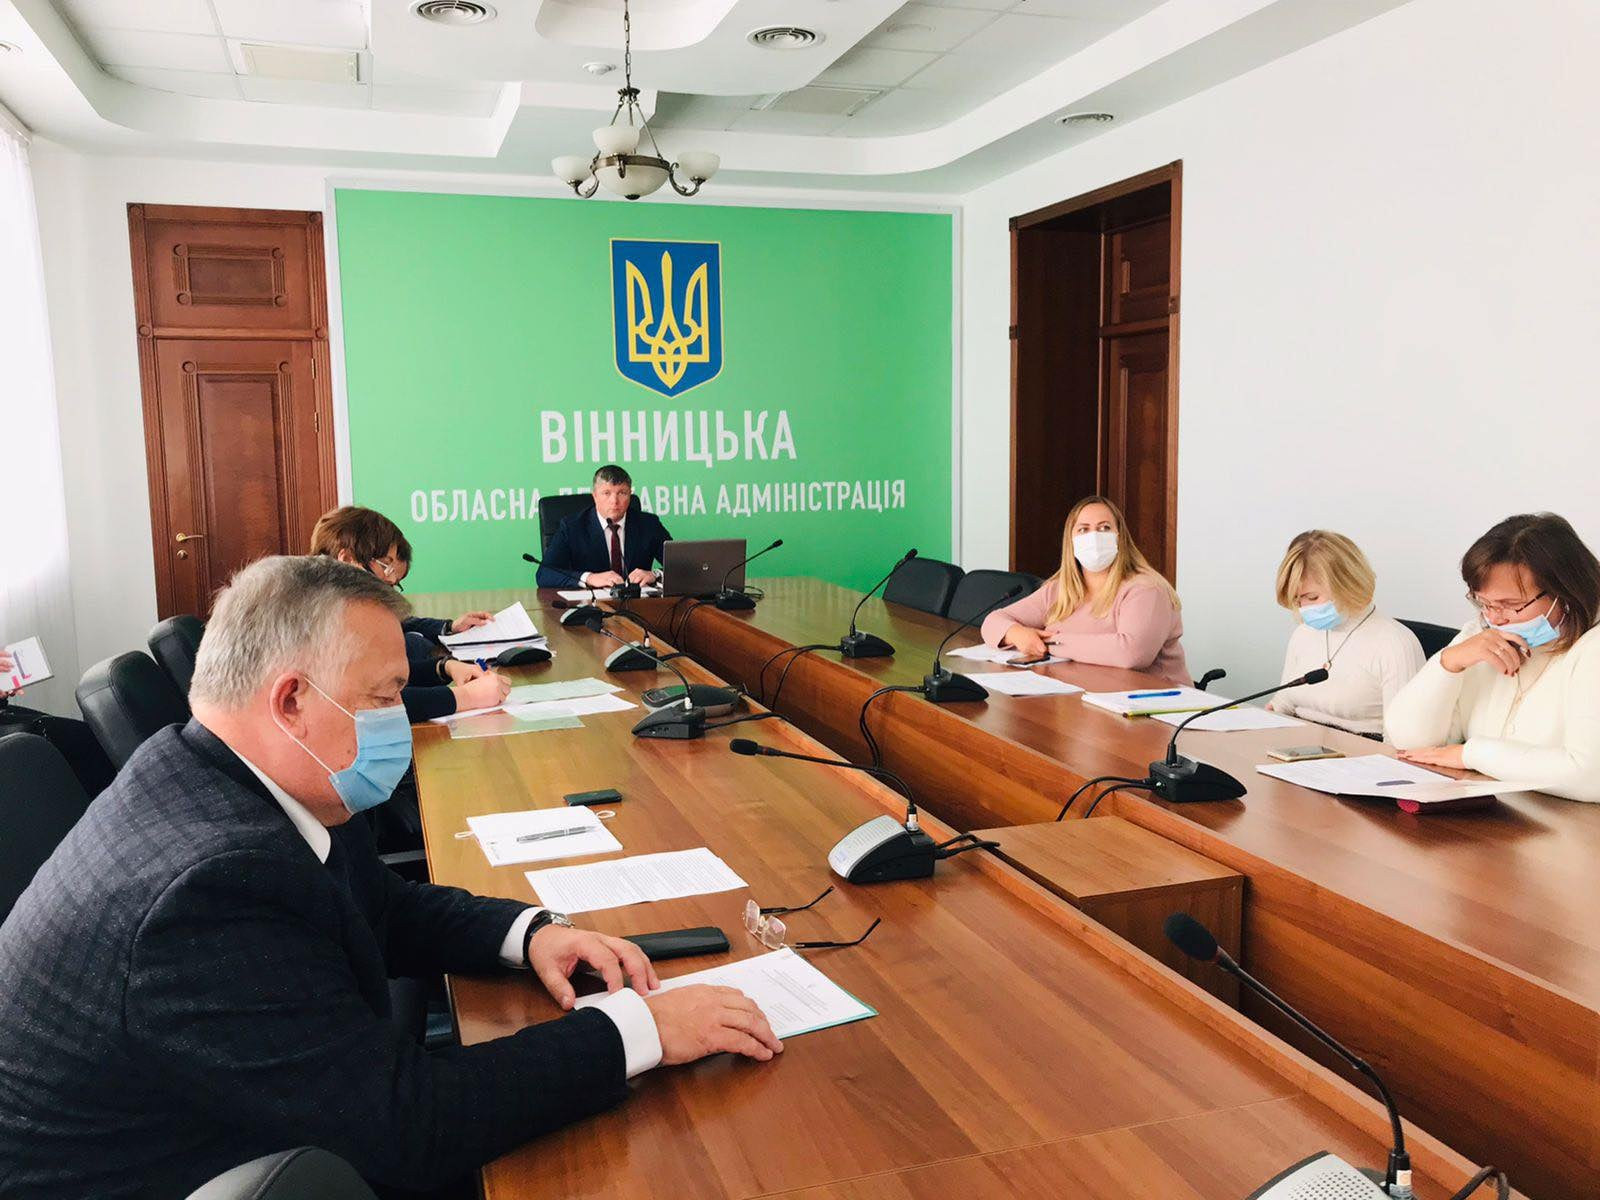 Вінниччина активно долучилась до реалізації ініціативи Першої леді Олени Зеленської «Без бар'єрів»